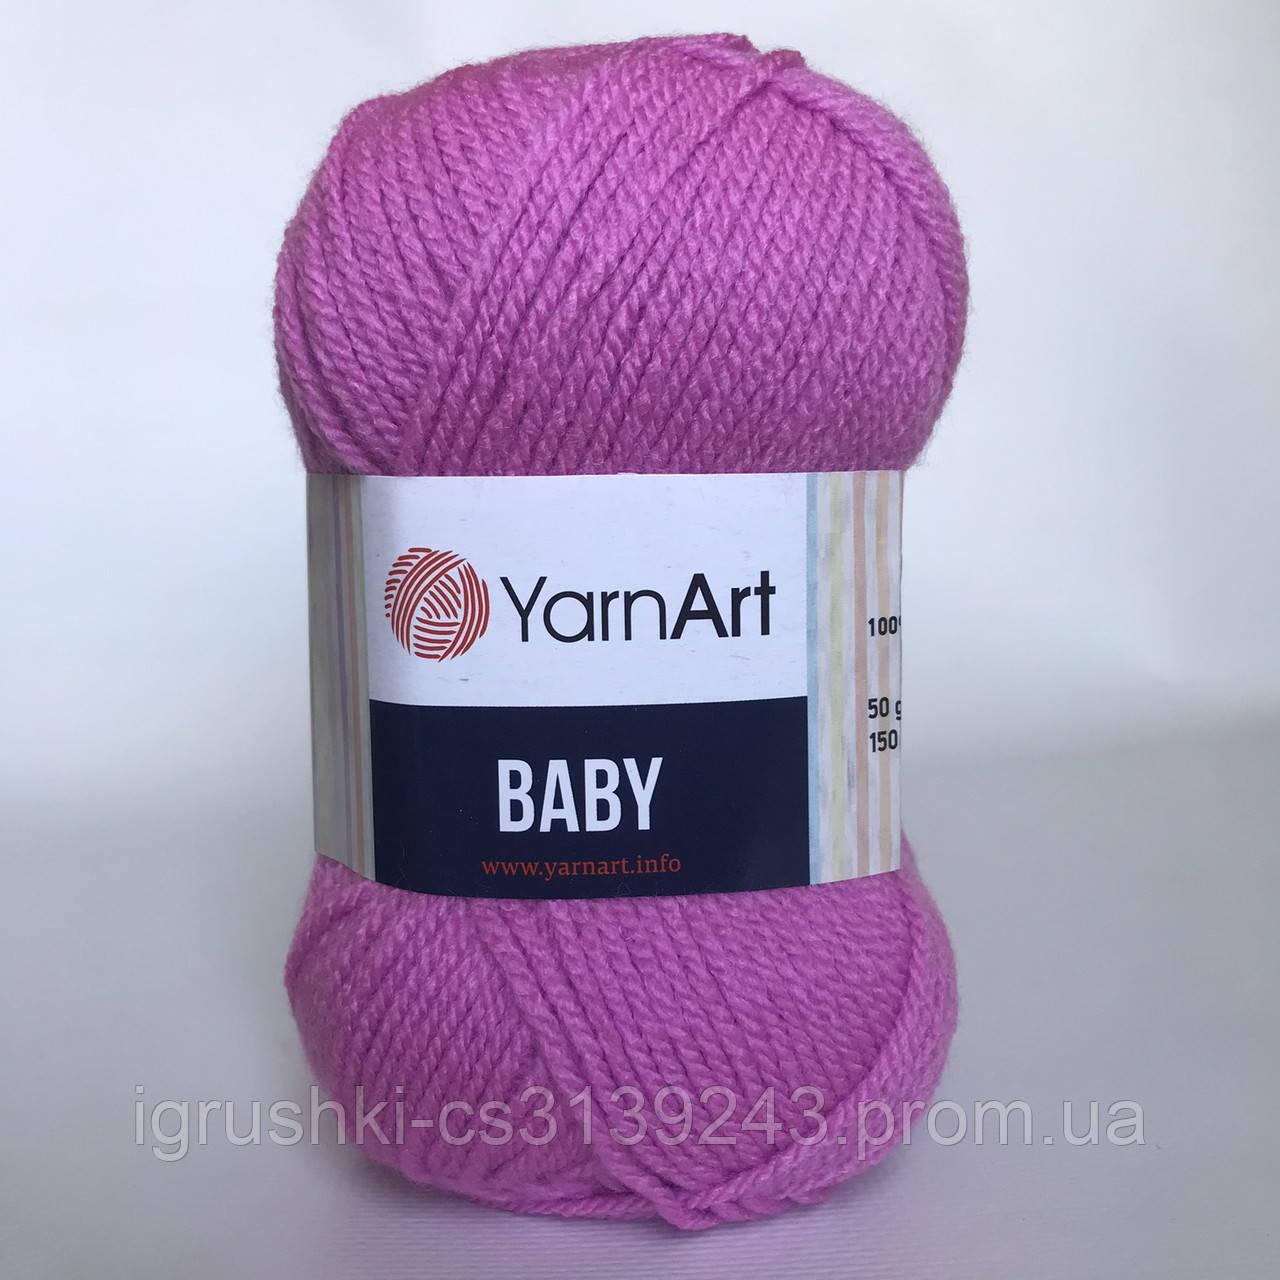 Акрил YarnArt Baby (бебі) 635 Троянда